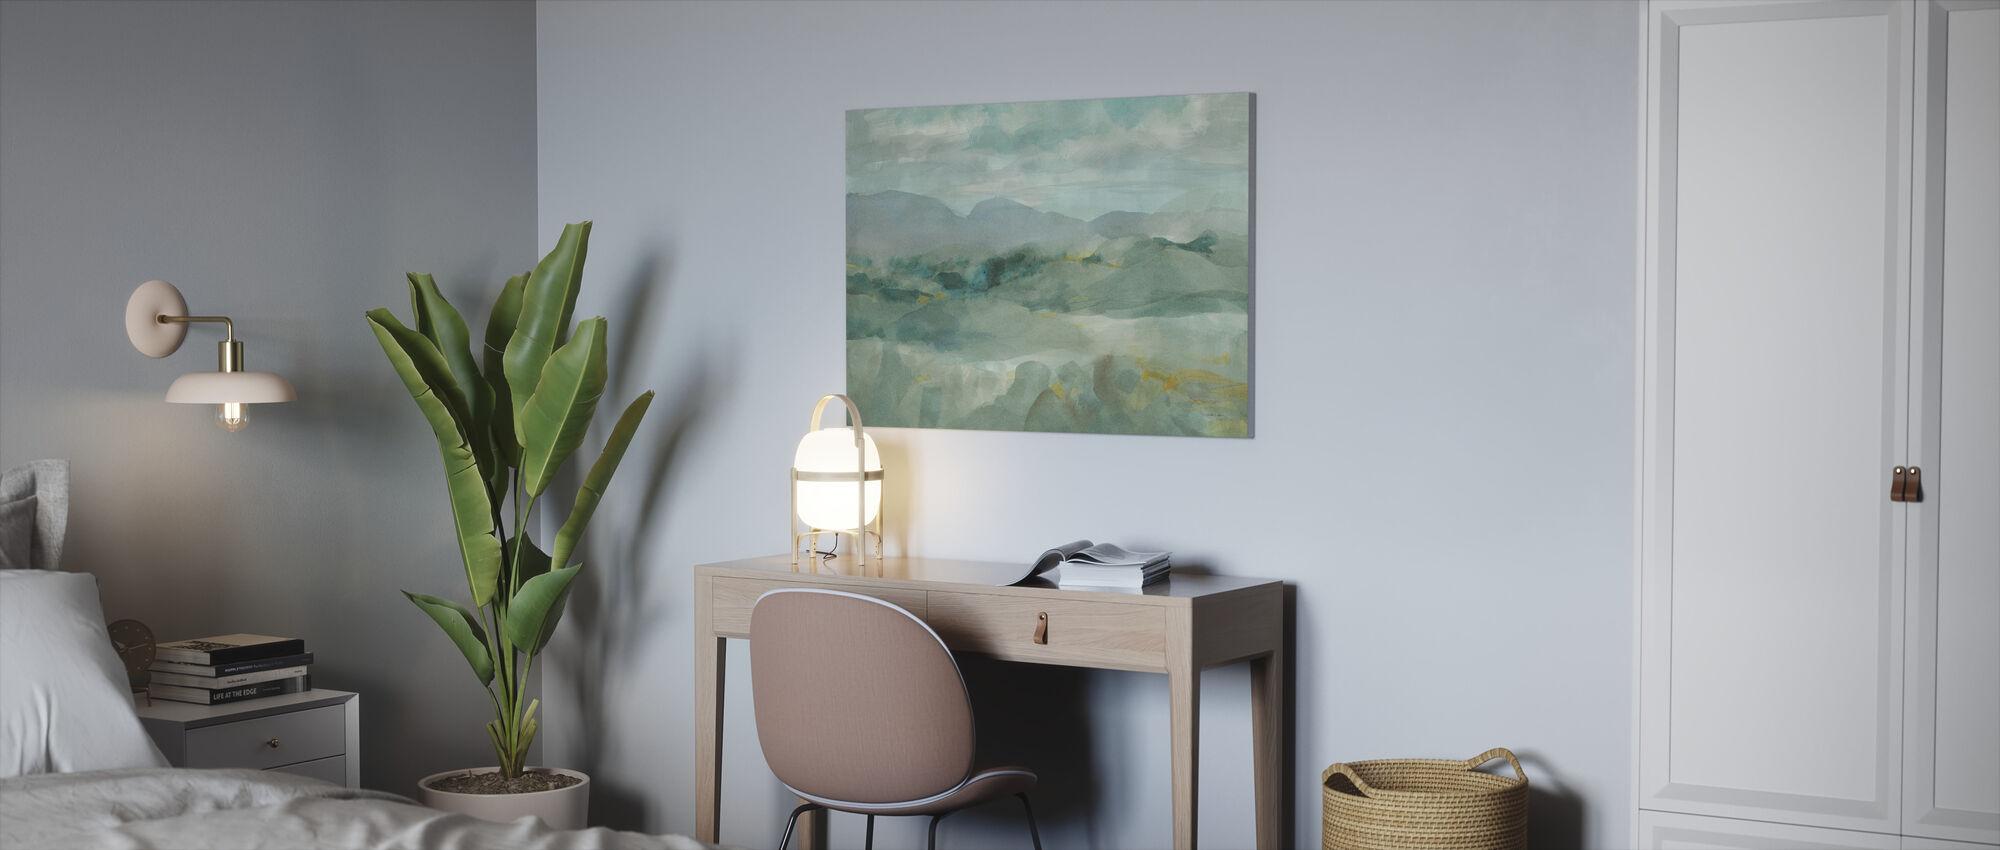 Groen Uitzicht op de bergen - Canvas print - Kantoor